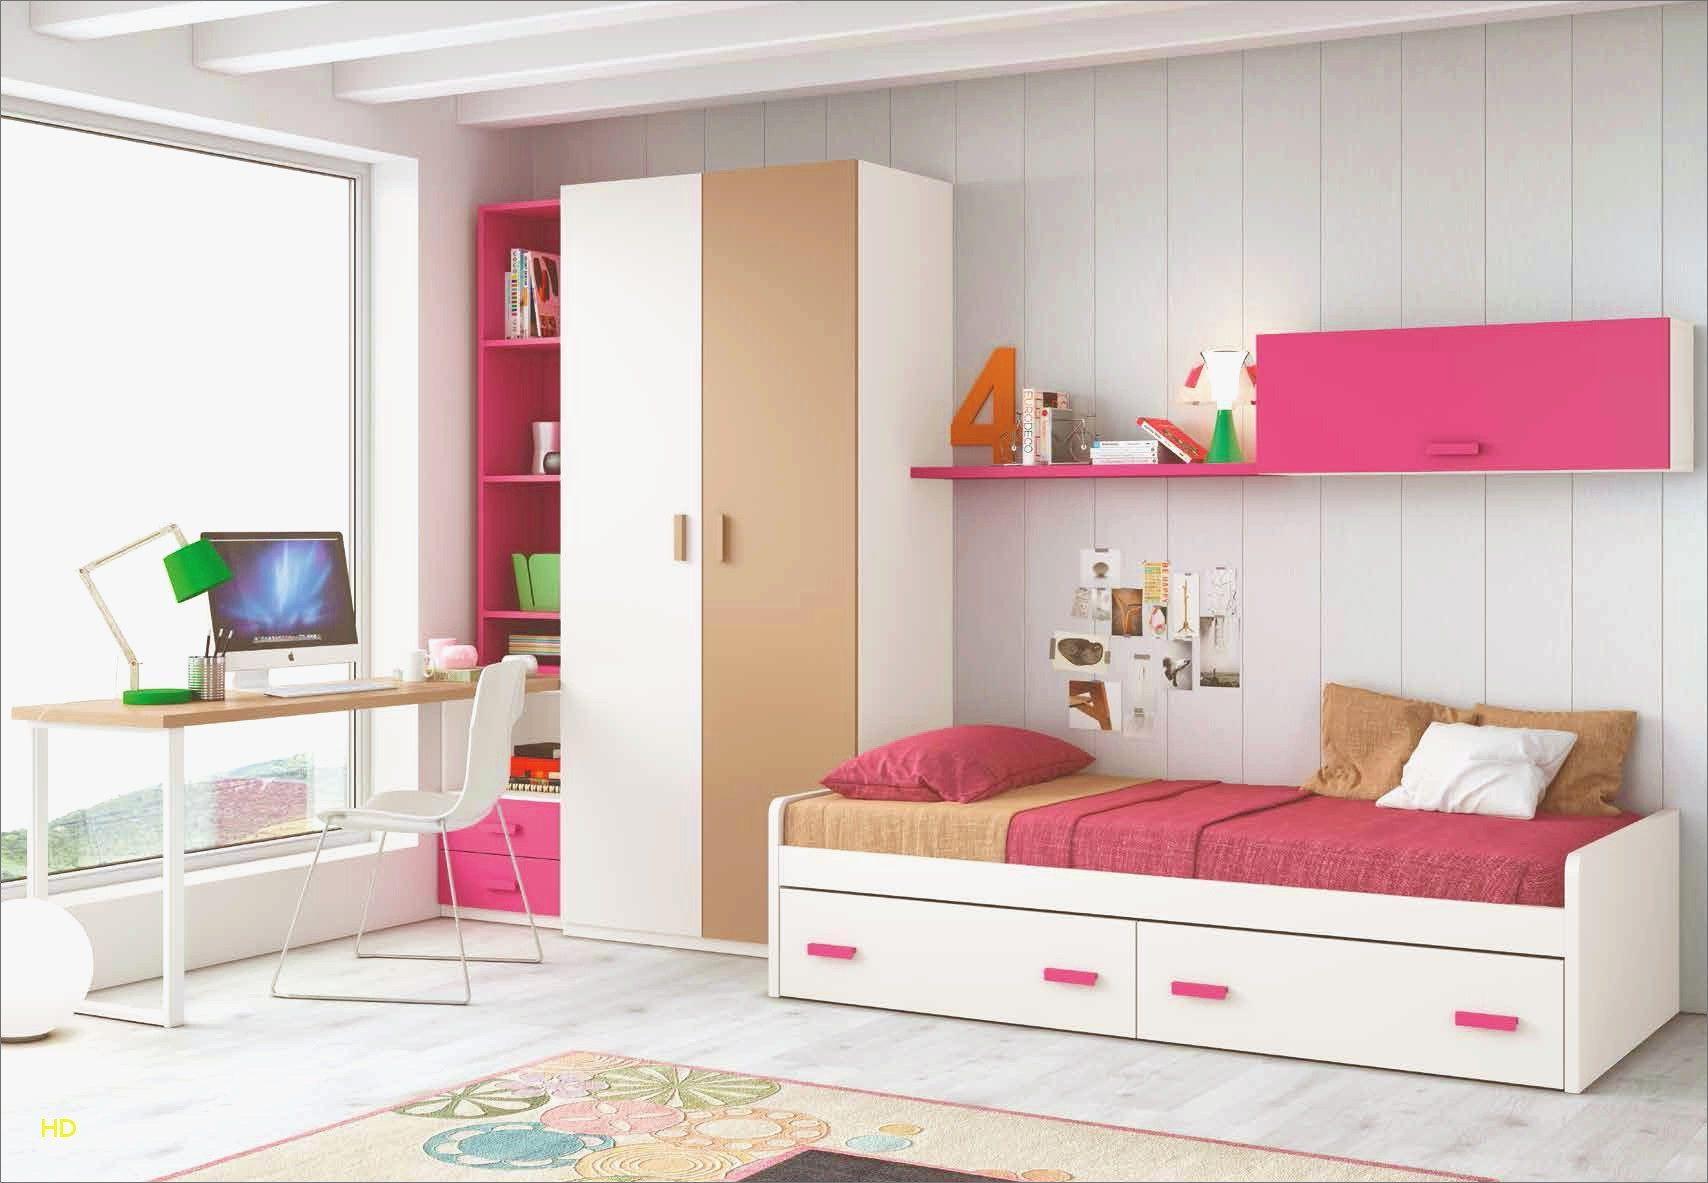 Lit Mezzanine Fille De Luxe Lit Mezzanine Fille Unique Ikea Chambre Ado Lit Mezzanine Chambre